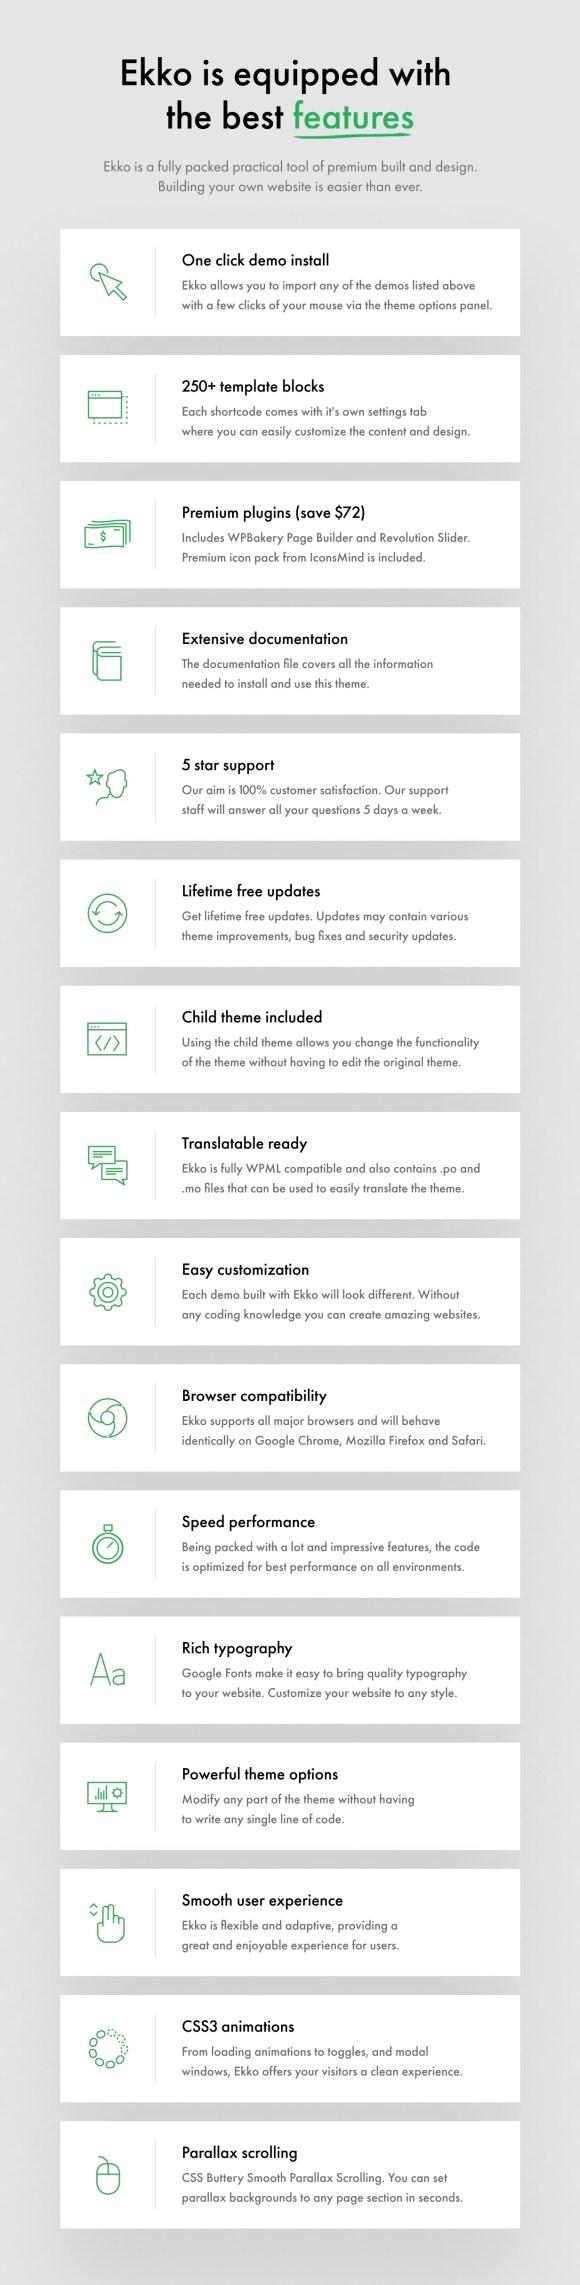 Ekko - Multi-Purpose WordPress Theme with Page Builder - 16